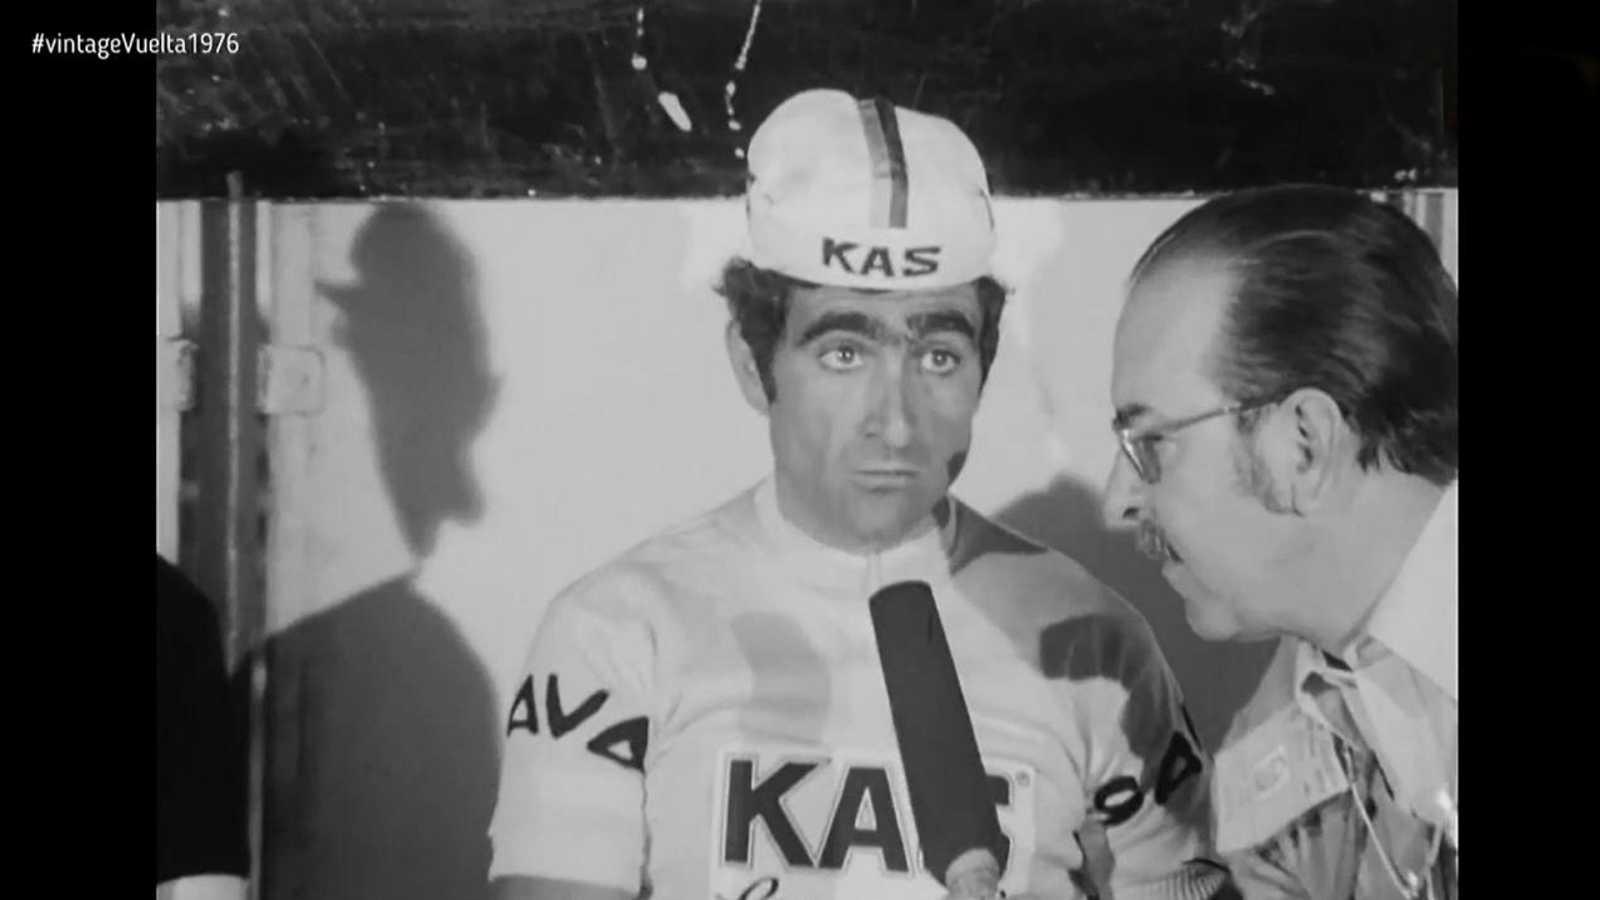 Conexión Vintage - Vuelta ciclista a España 1976 - ver ahora